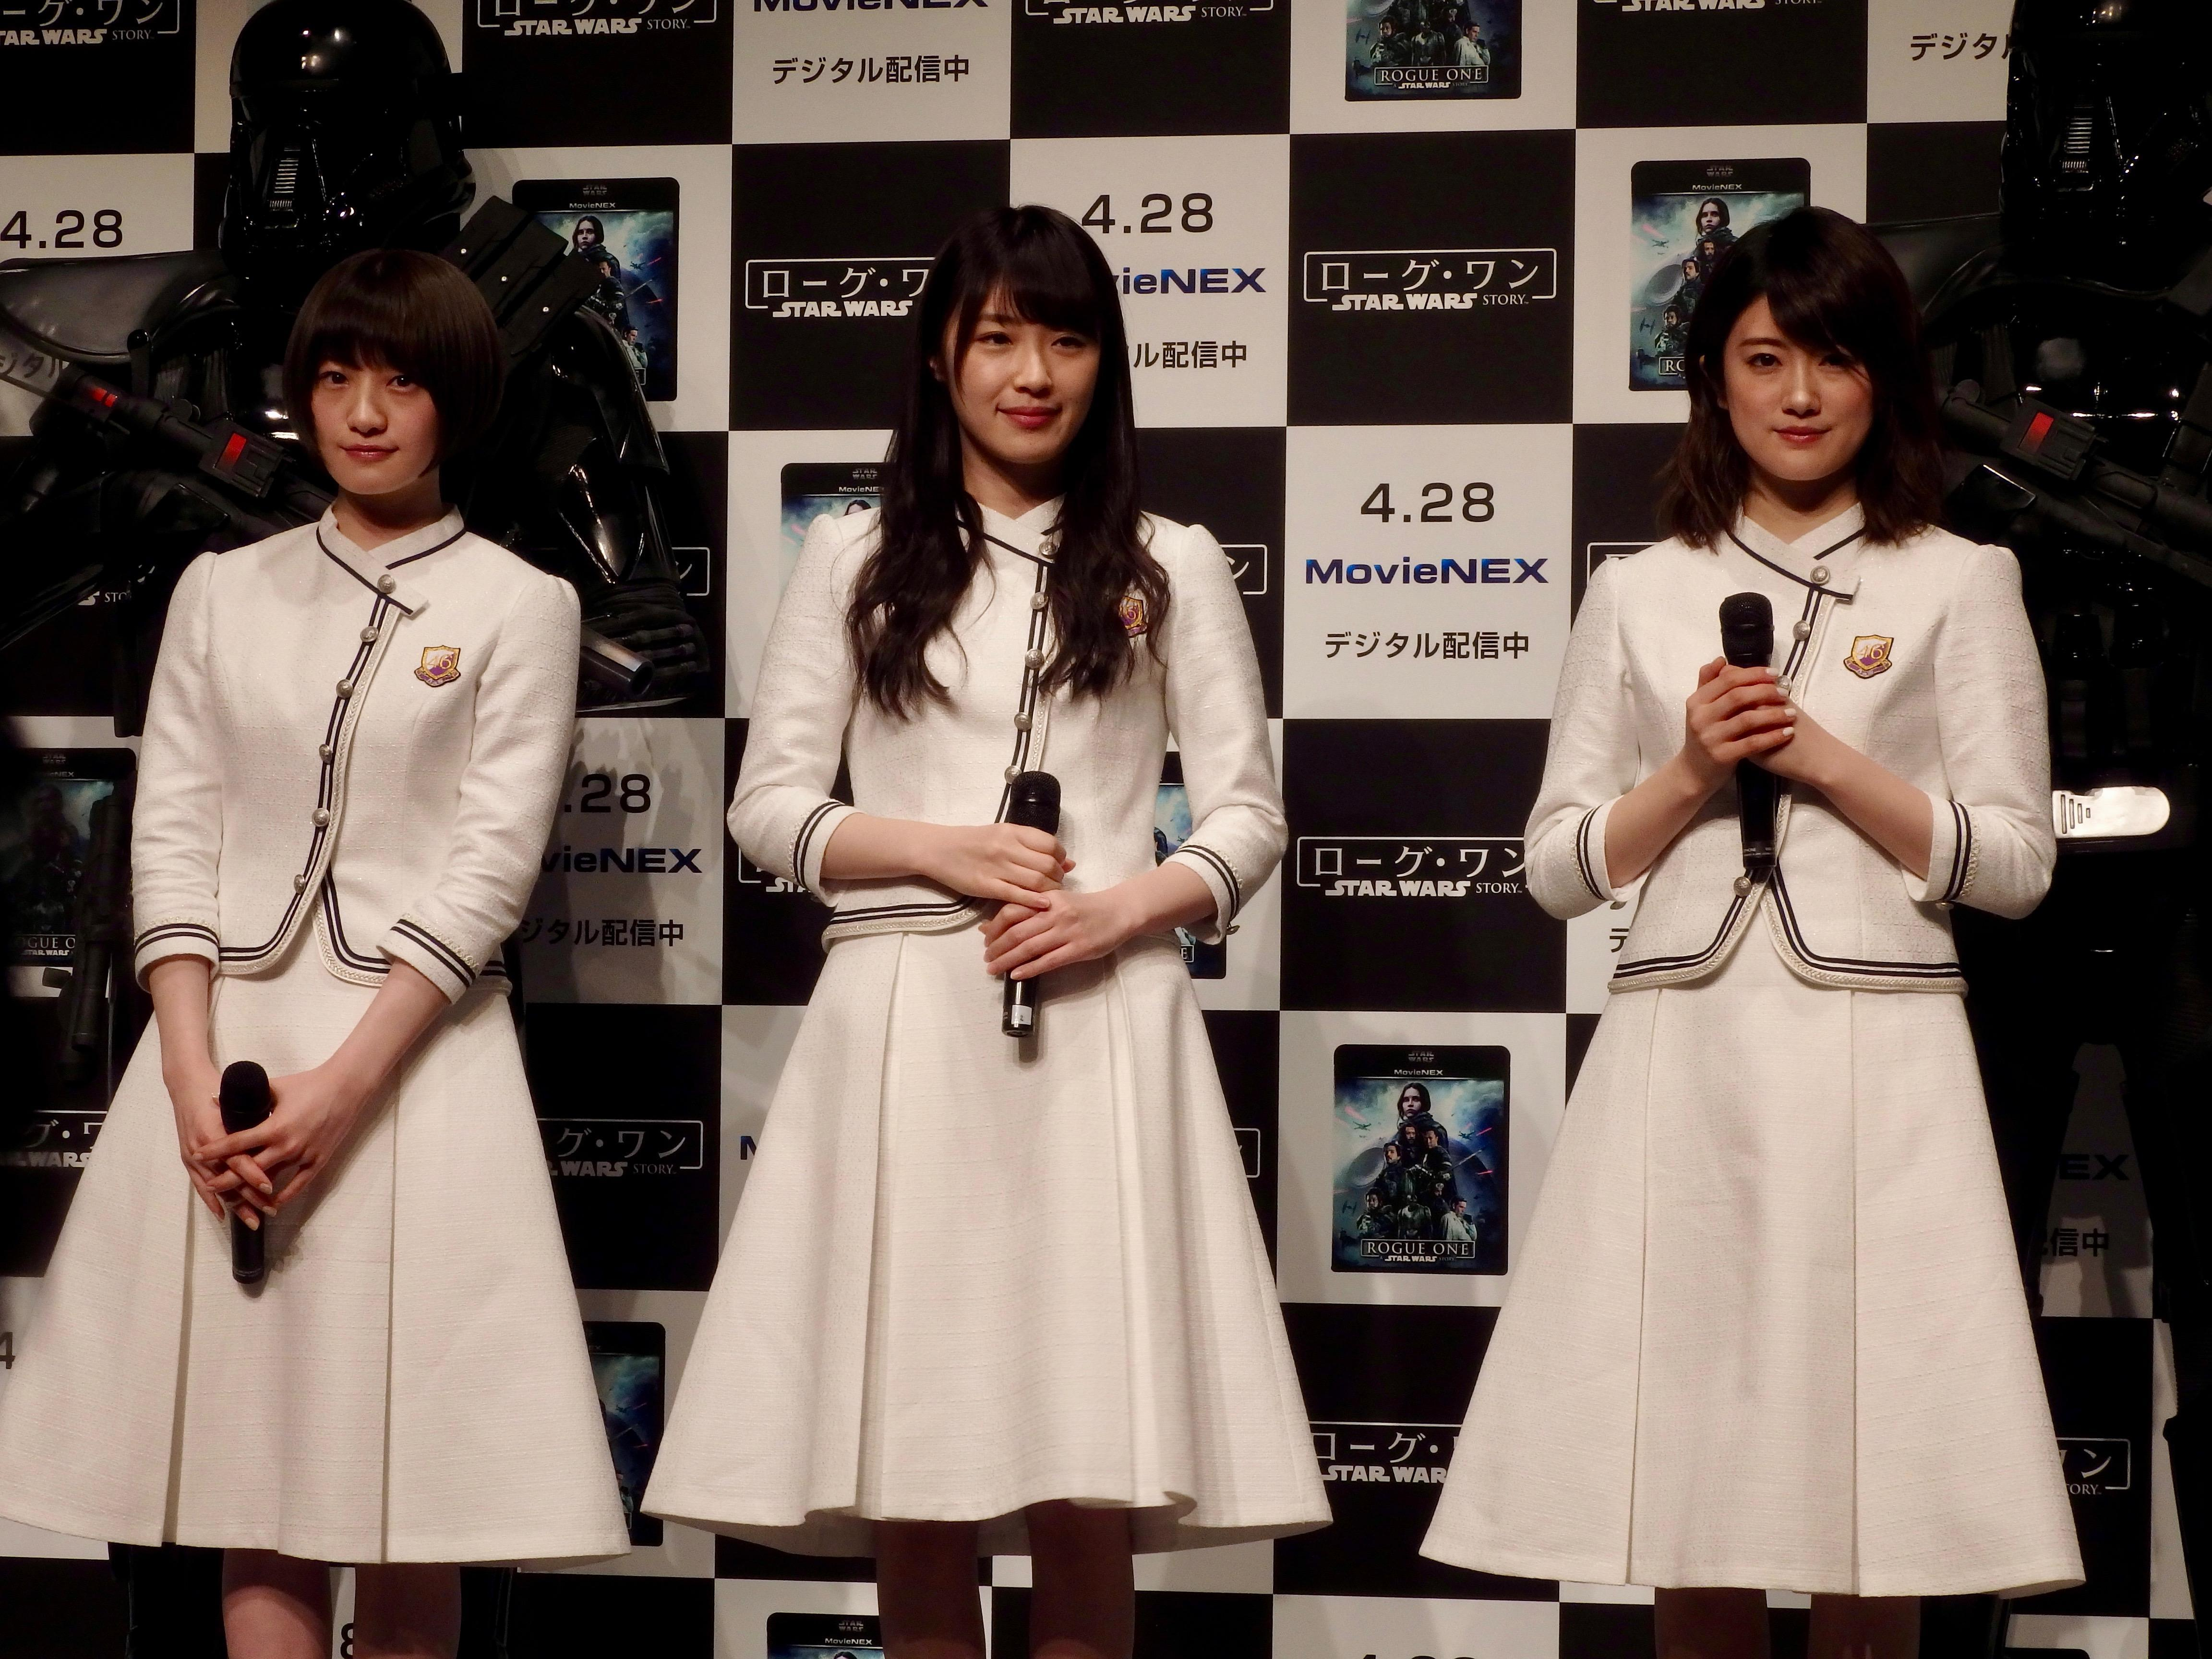 http://news.yoshimoto.co.jp/20170427235229-236d2d1c4473ce1765df4a1af9f801afc6e2553d.jpg